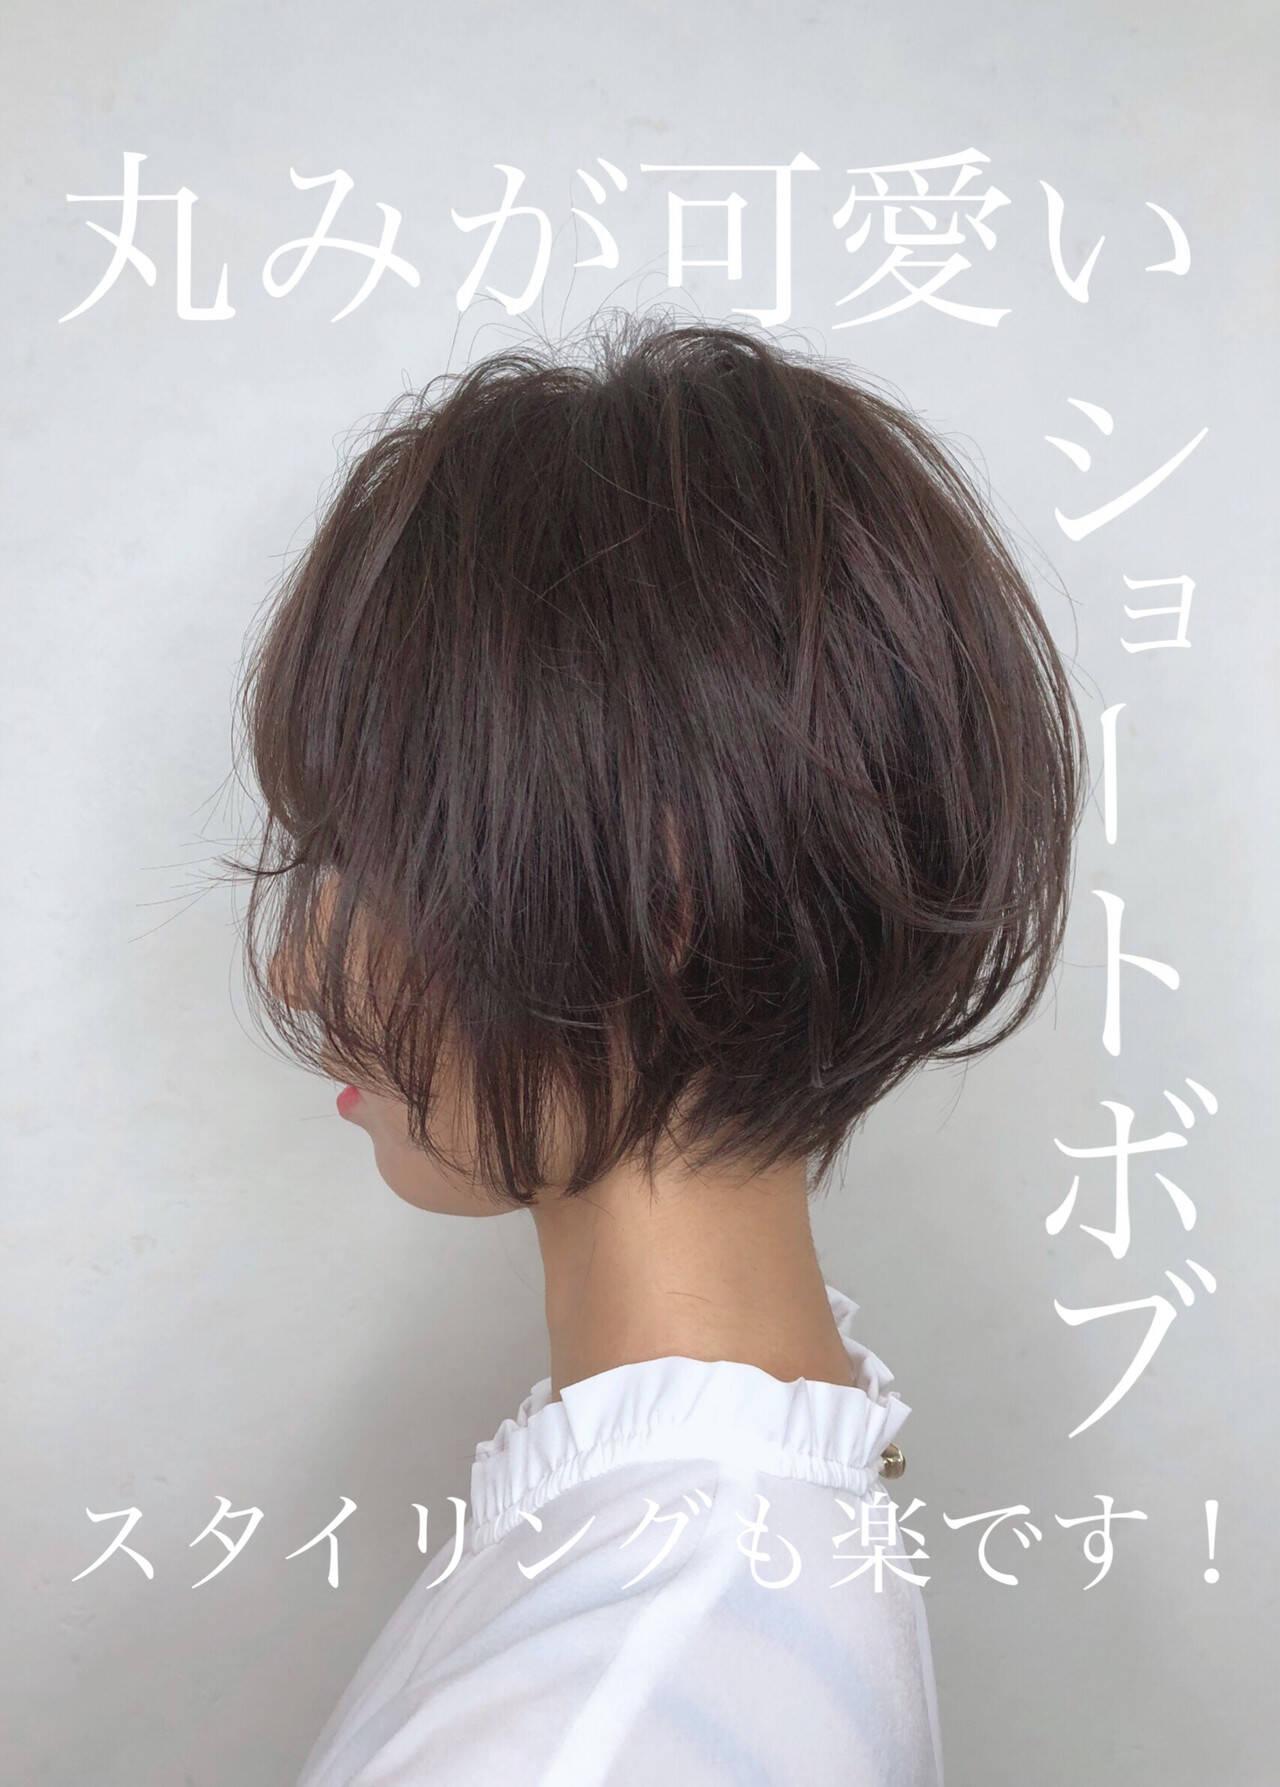 ベリーショート ウルフカット 切りっぱなしボブ ショートヘアスタイルや髪型の写真・画像